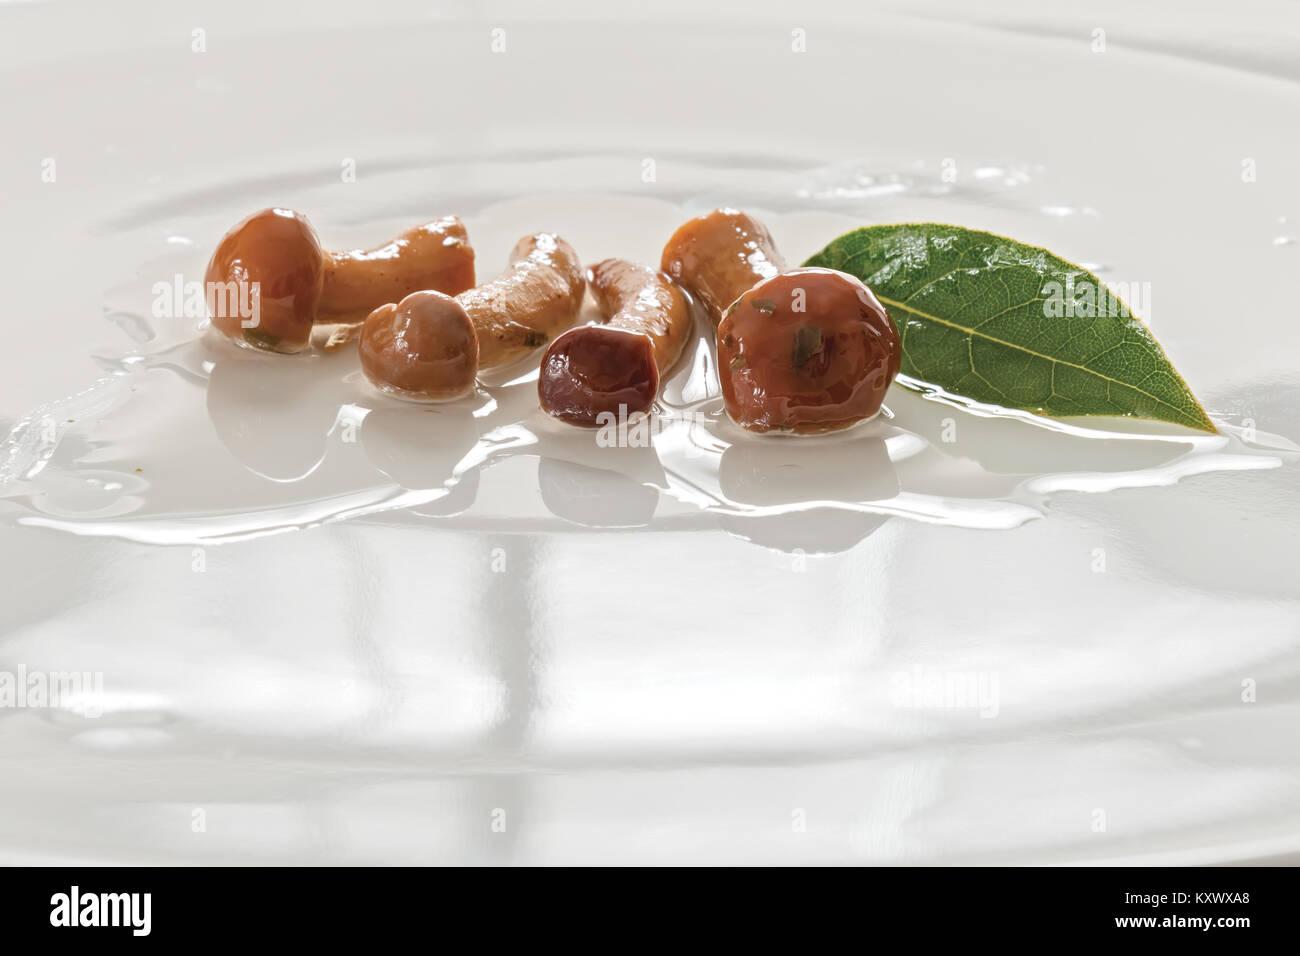 mushrooms tacks in oil close-up - Stock Image